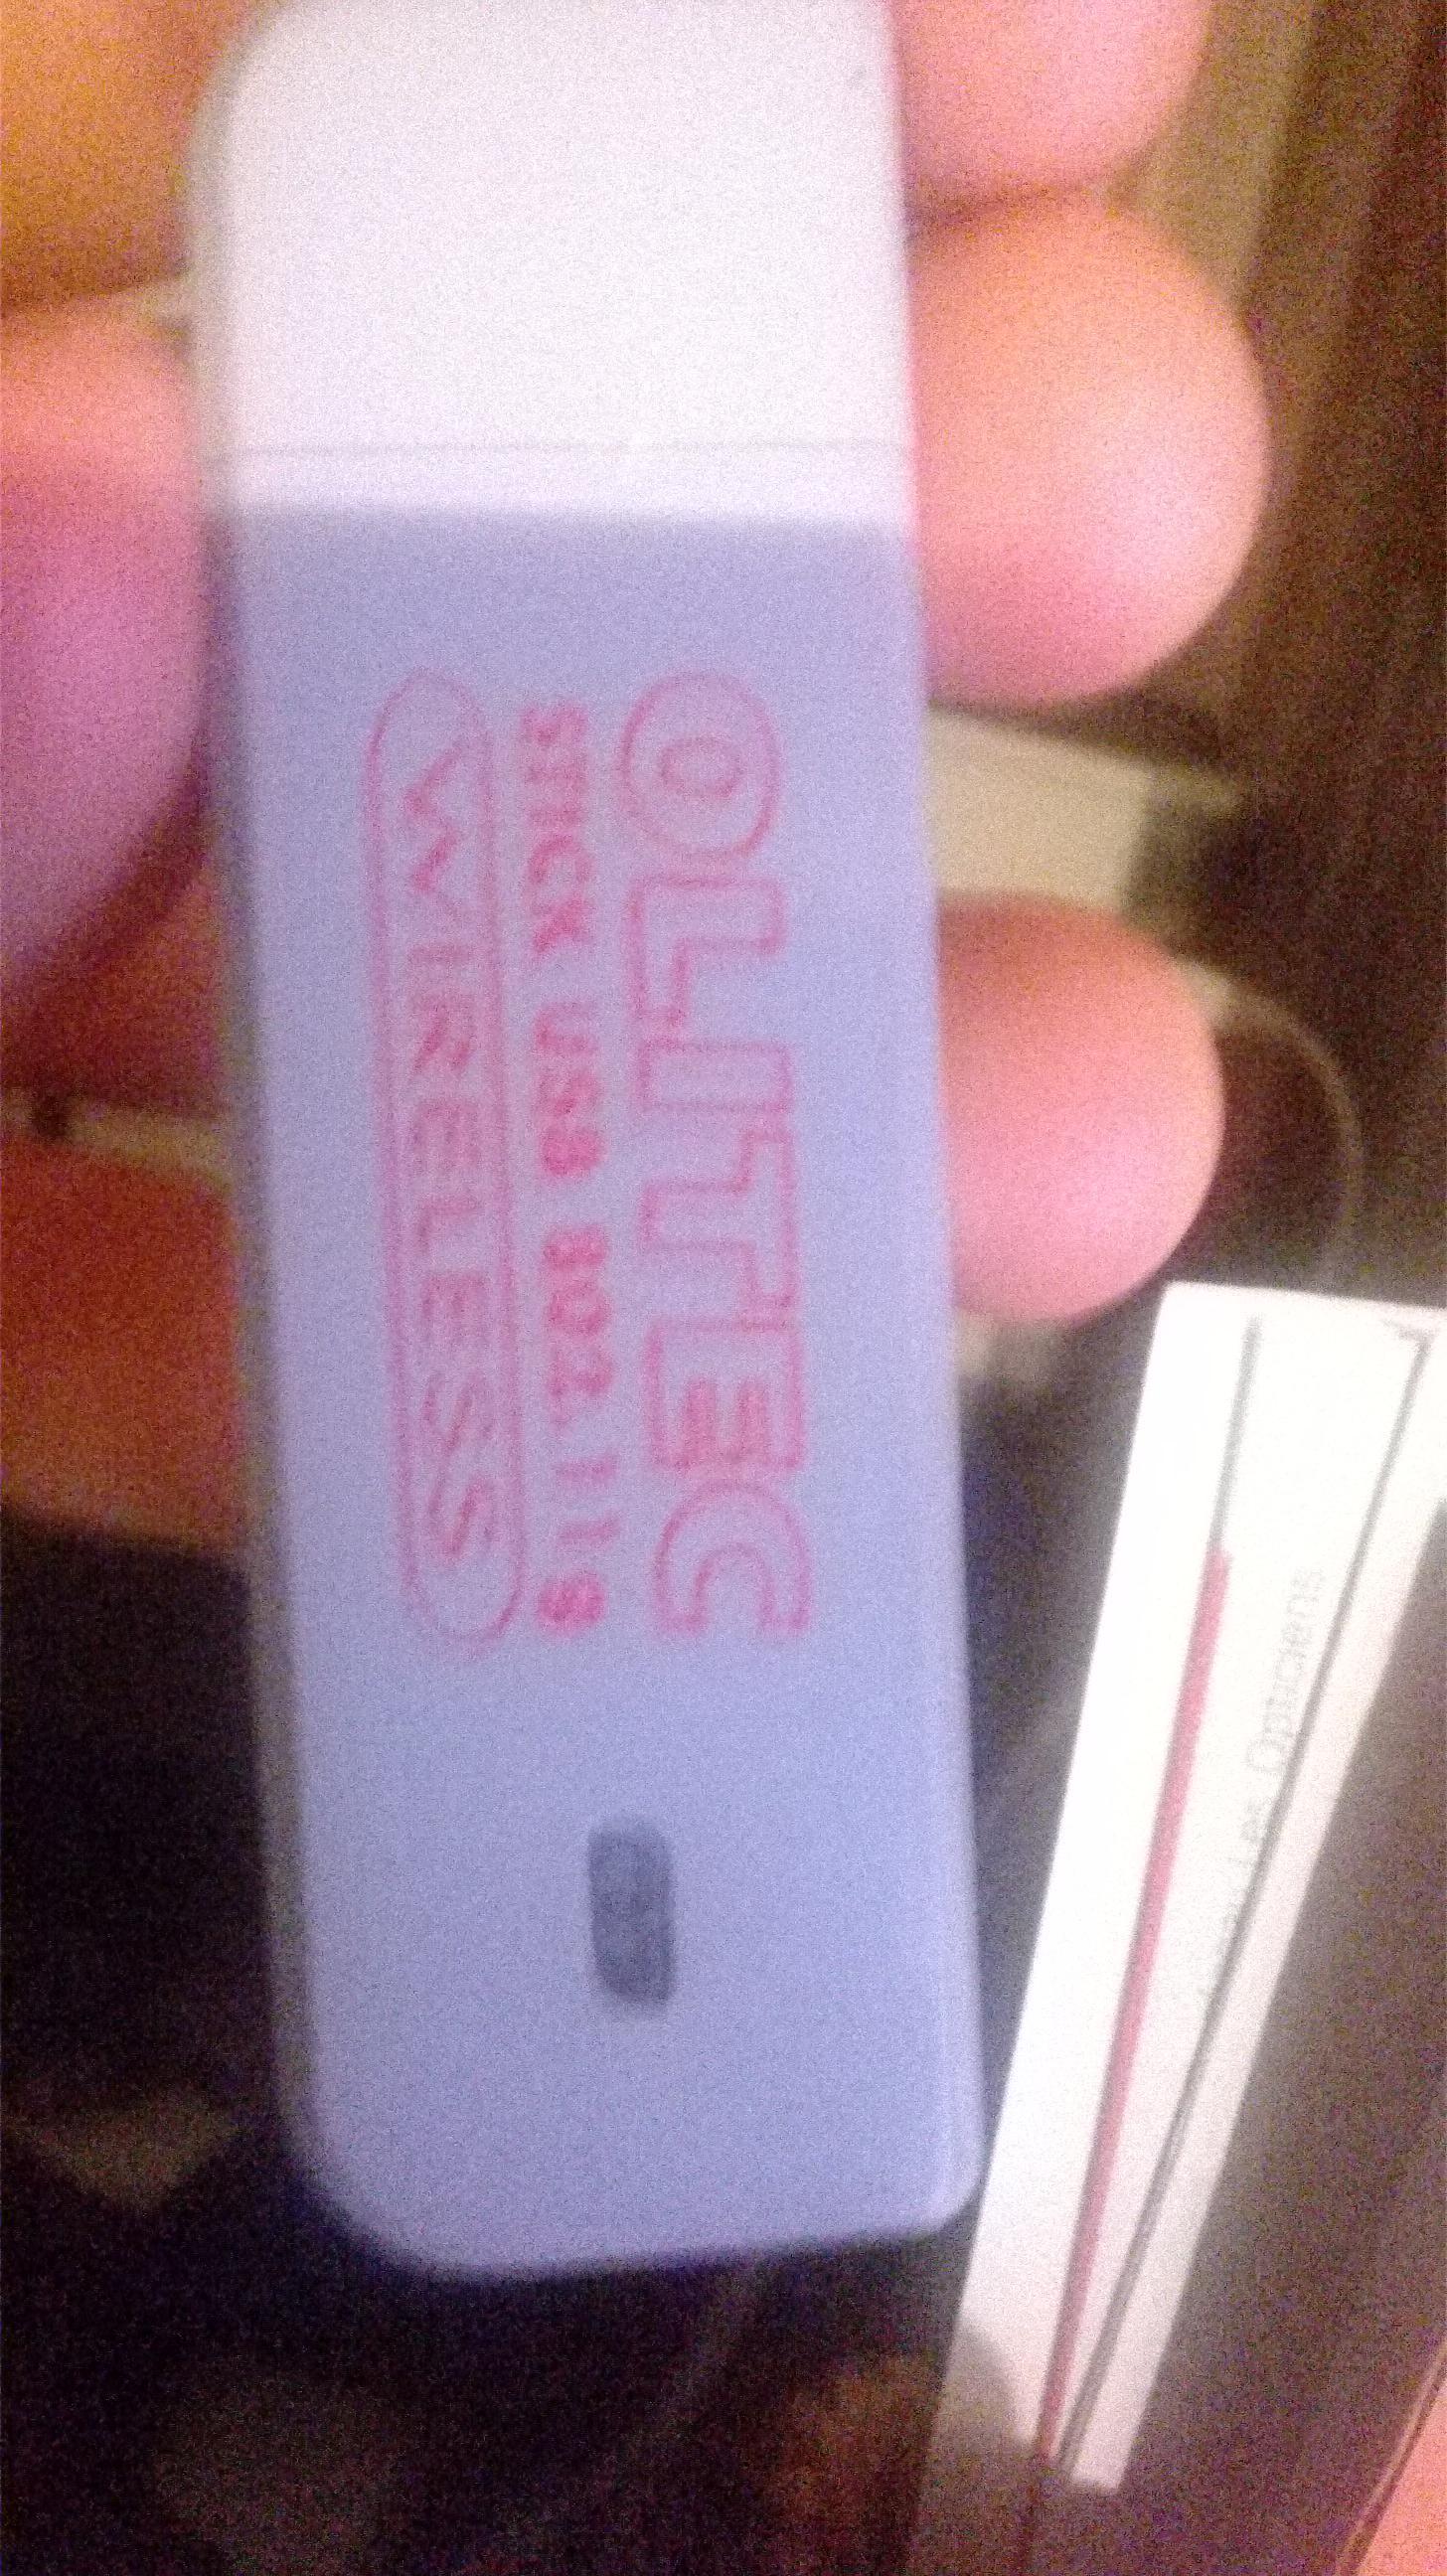 GRATUIT STICK DRIVER USB TÉLÉCHARGER OLITEC 802.11G WIRELESS